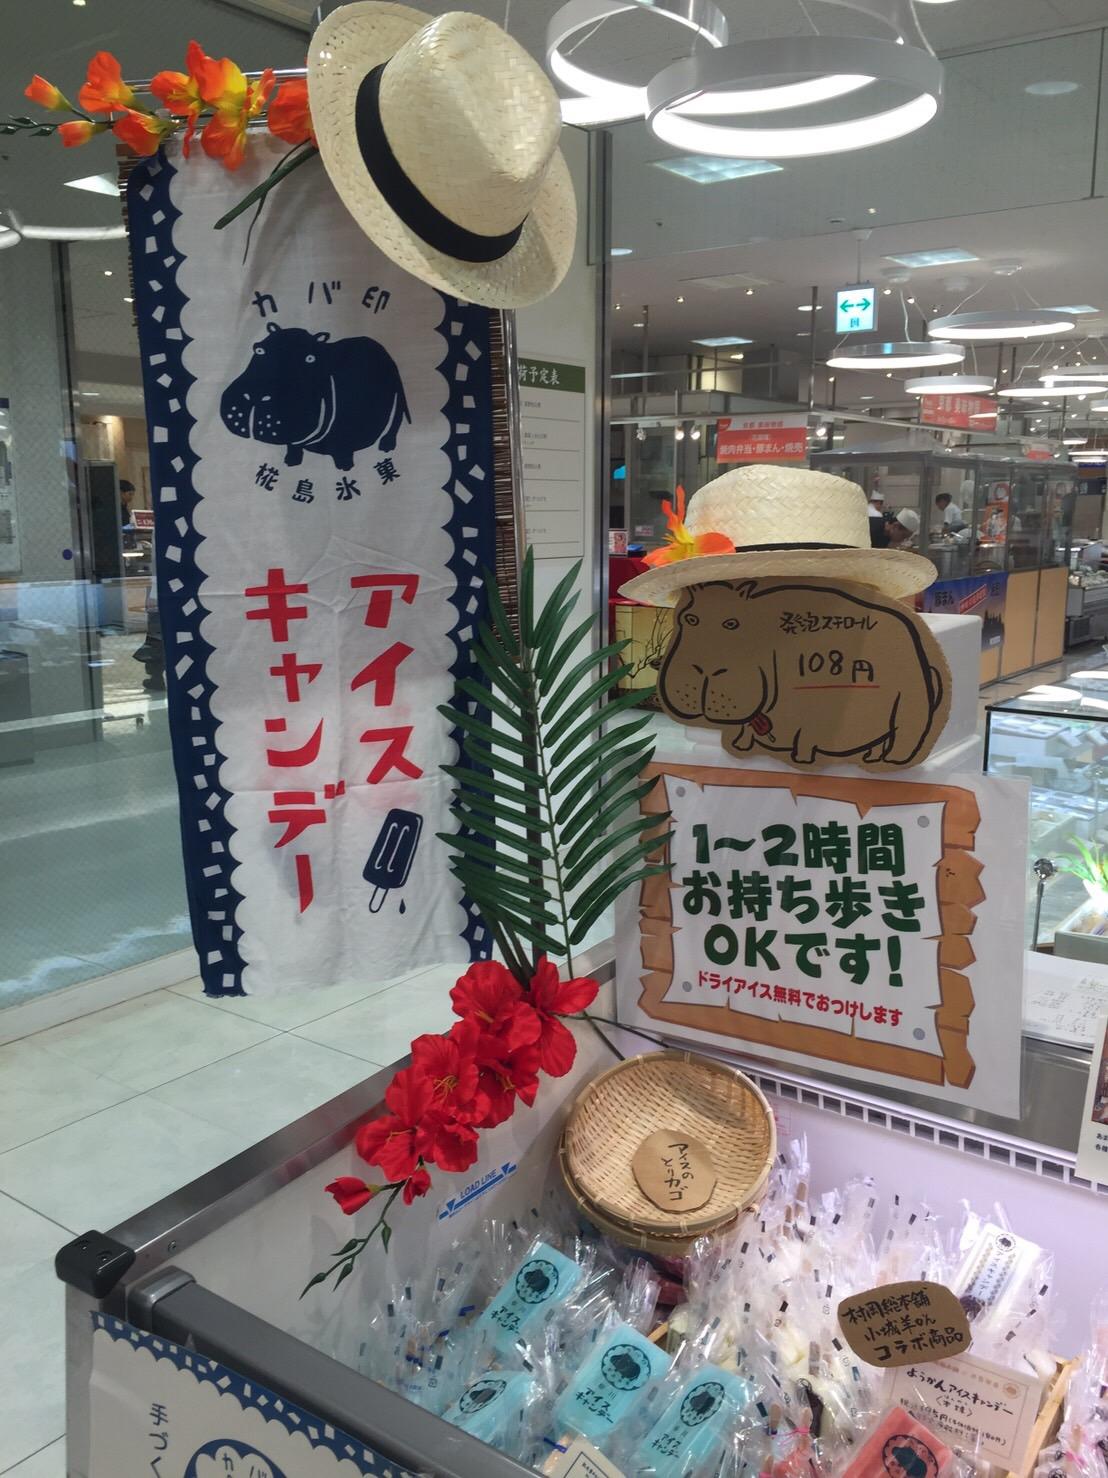 天神岩田屋8月23日火曜日まで(^^♪_e0221583_155874.jpg